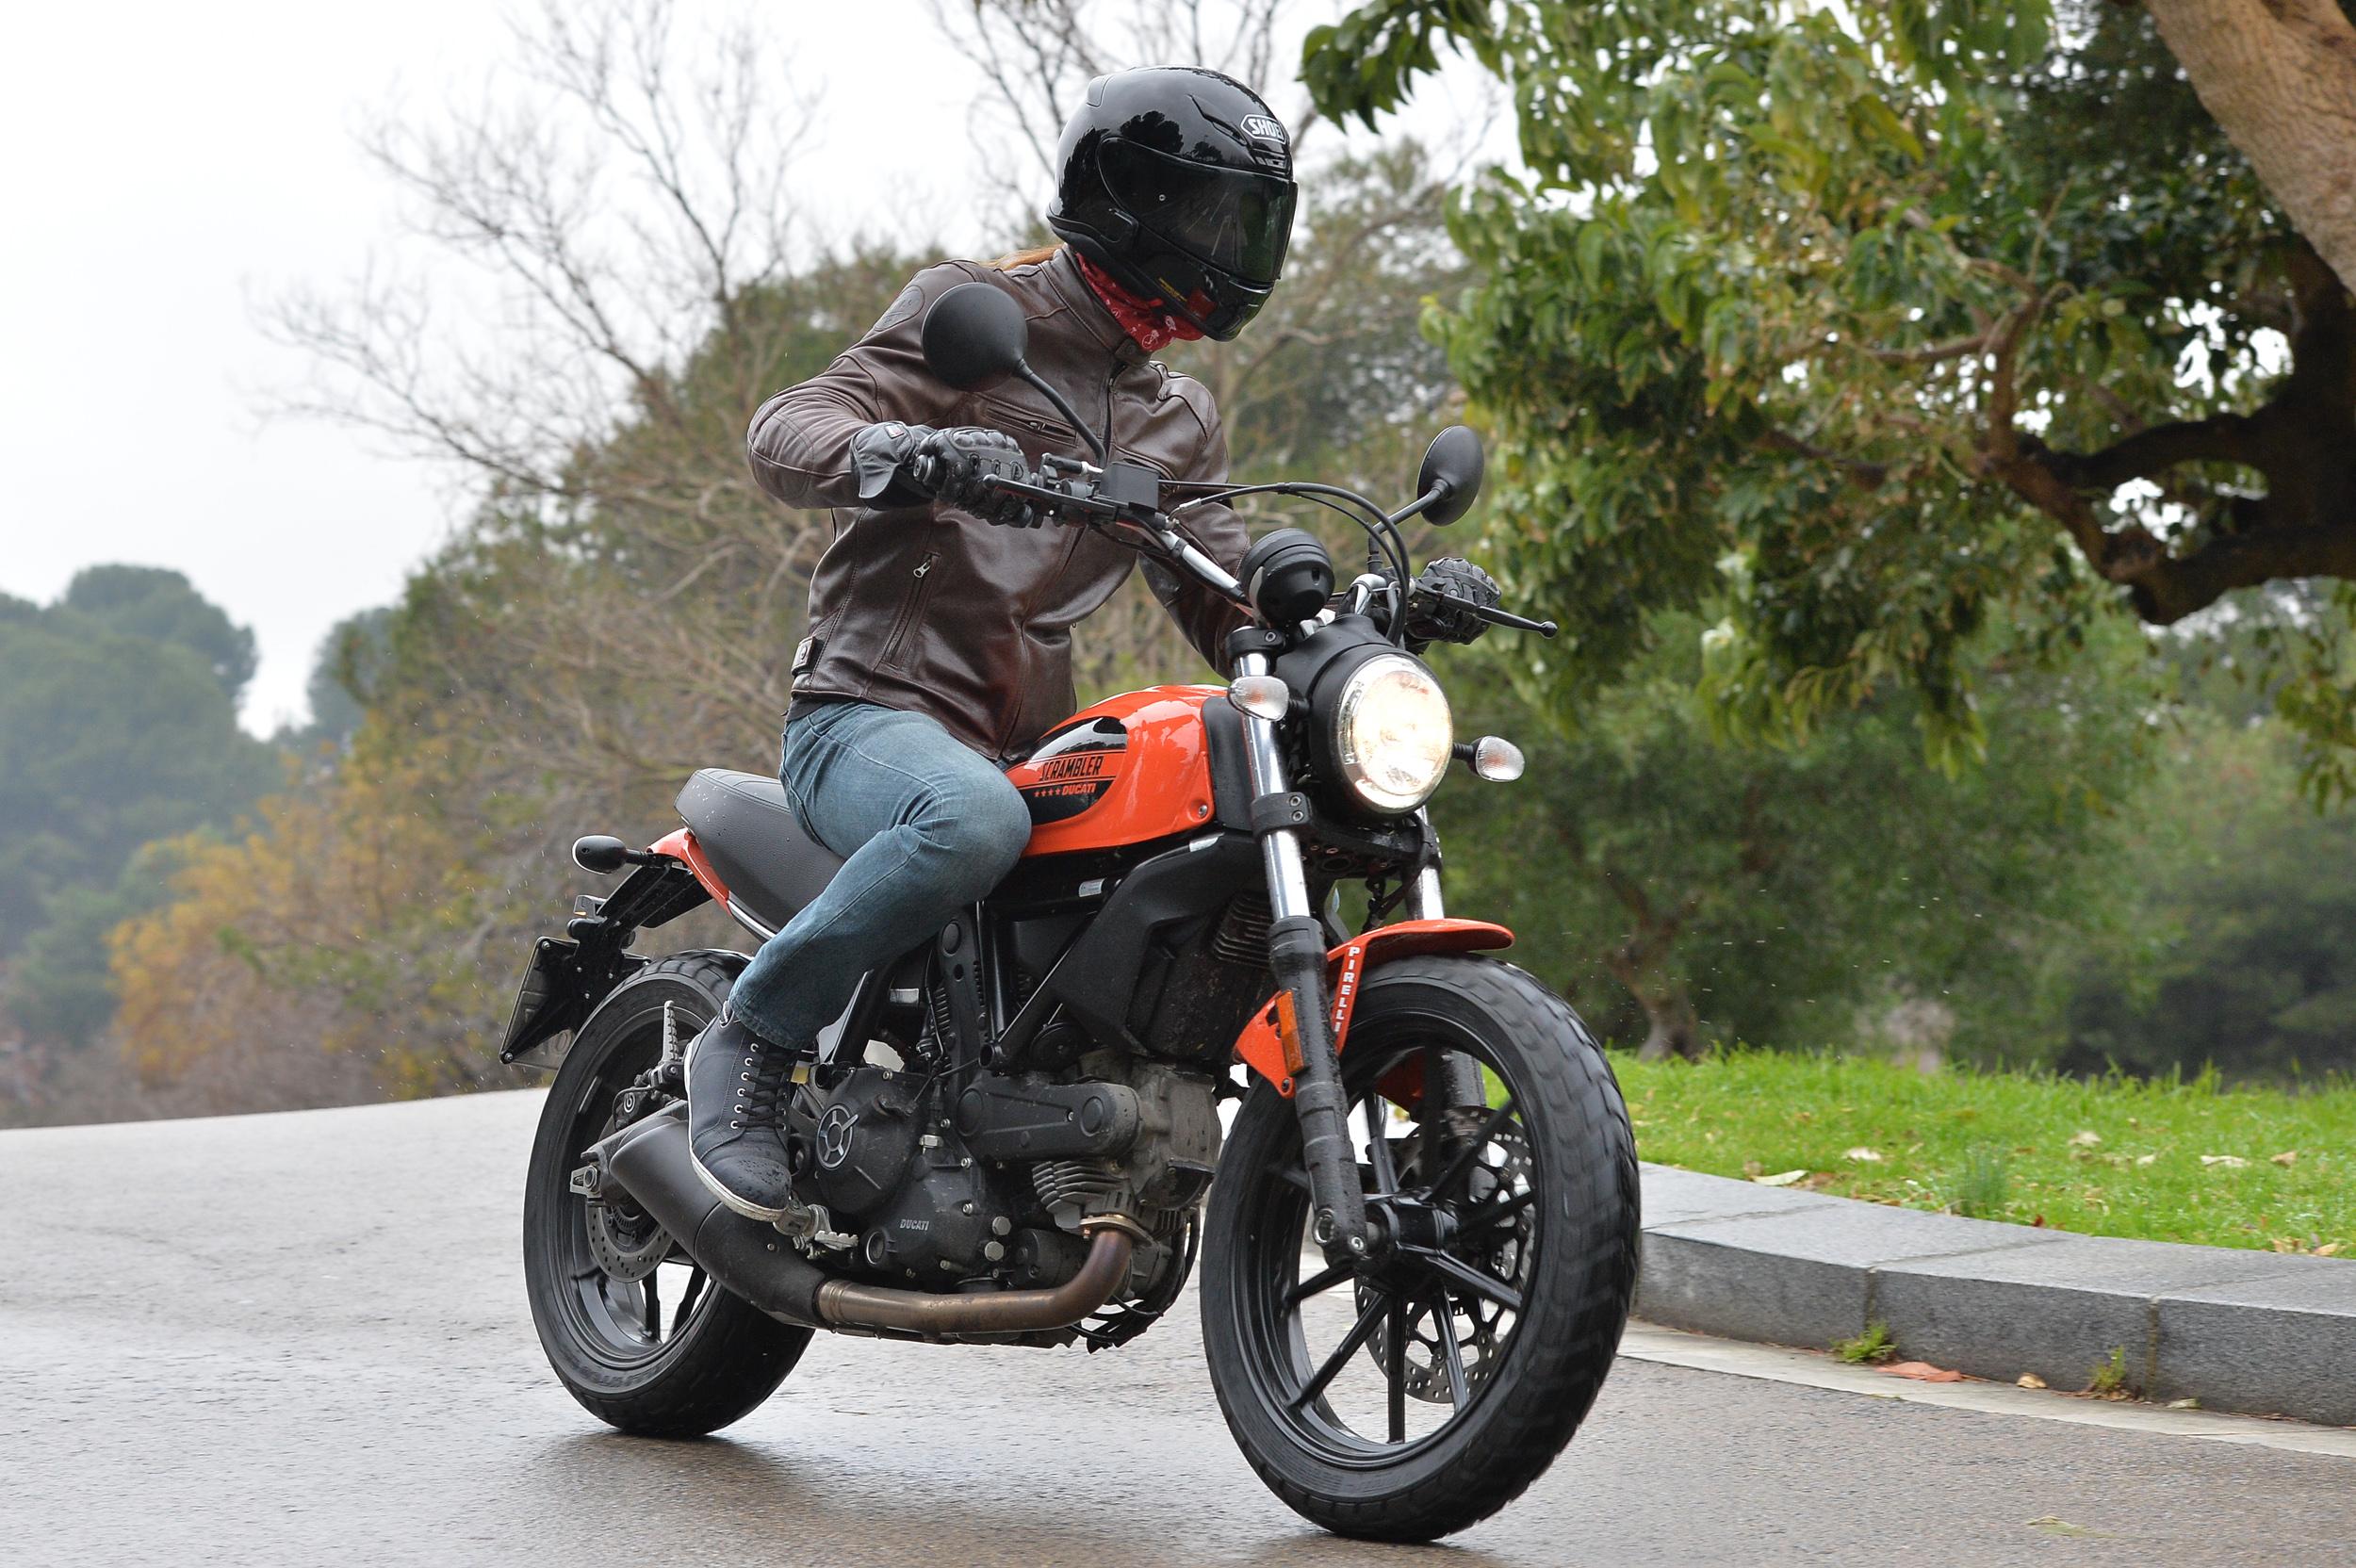 Ducati Scrambler Sixty Touring